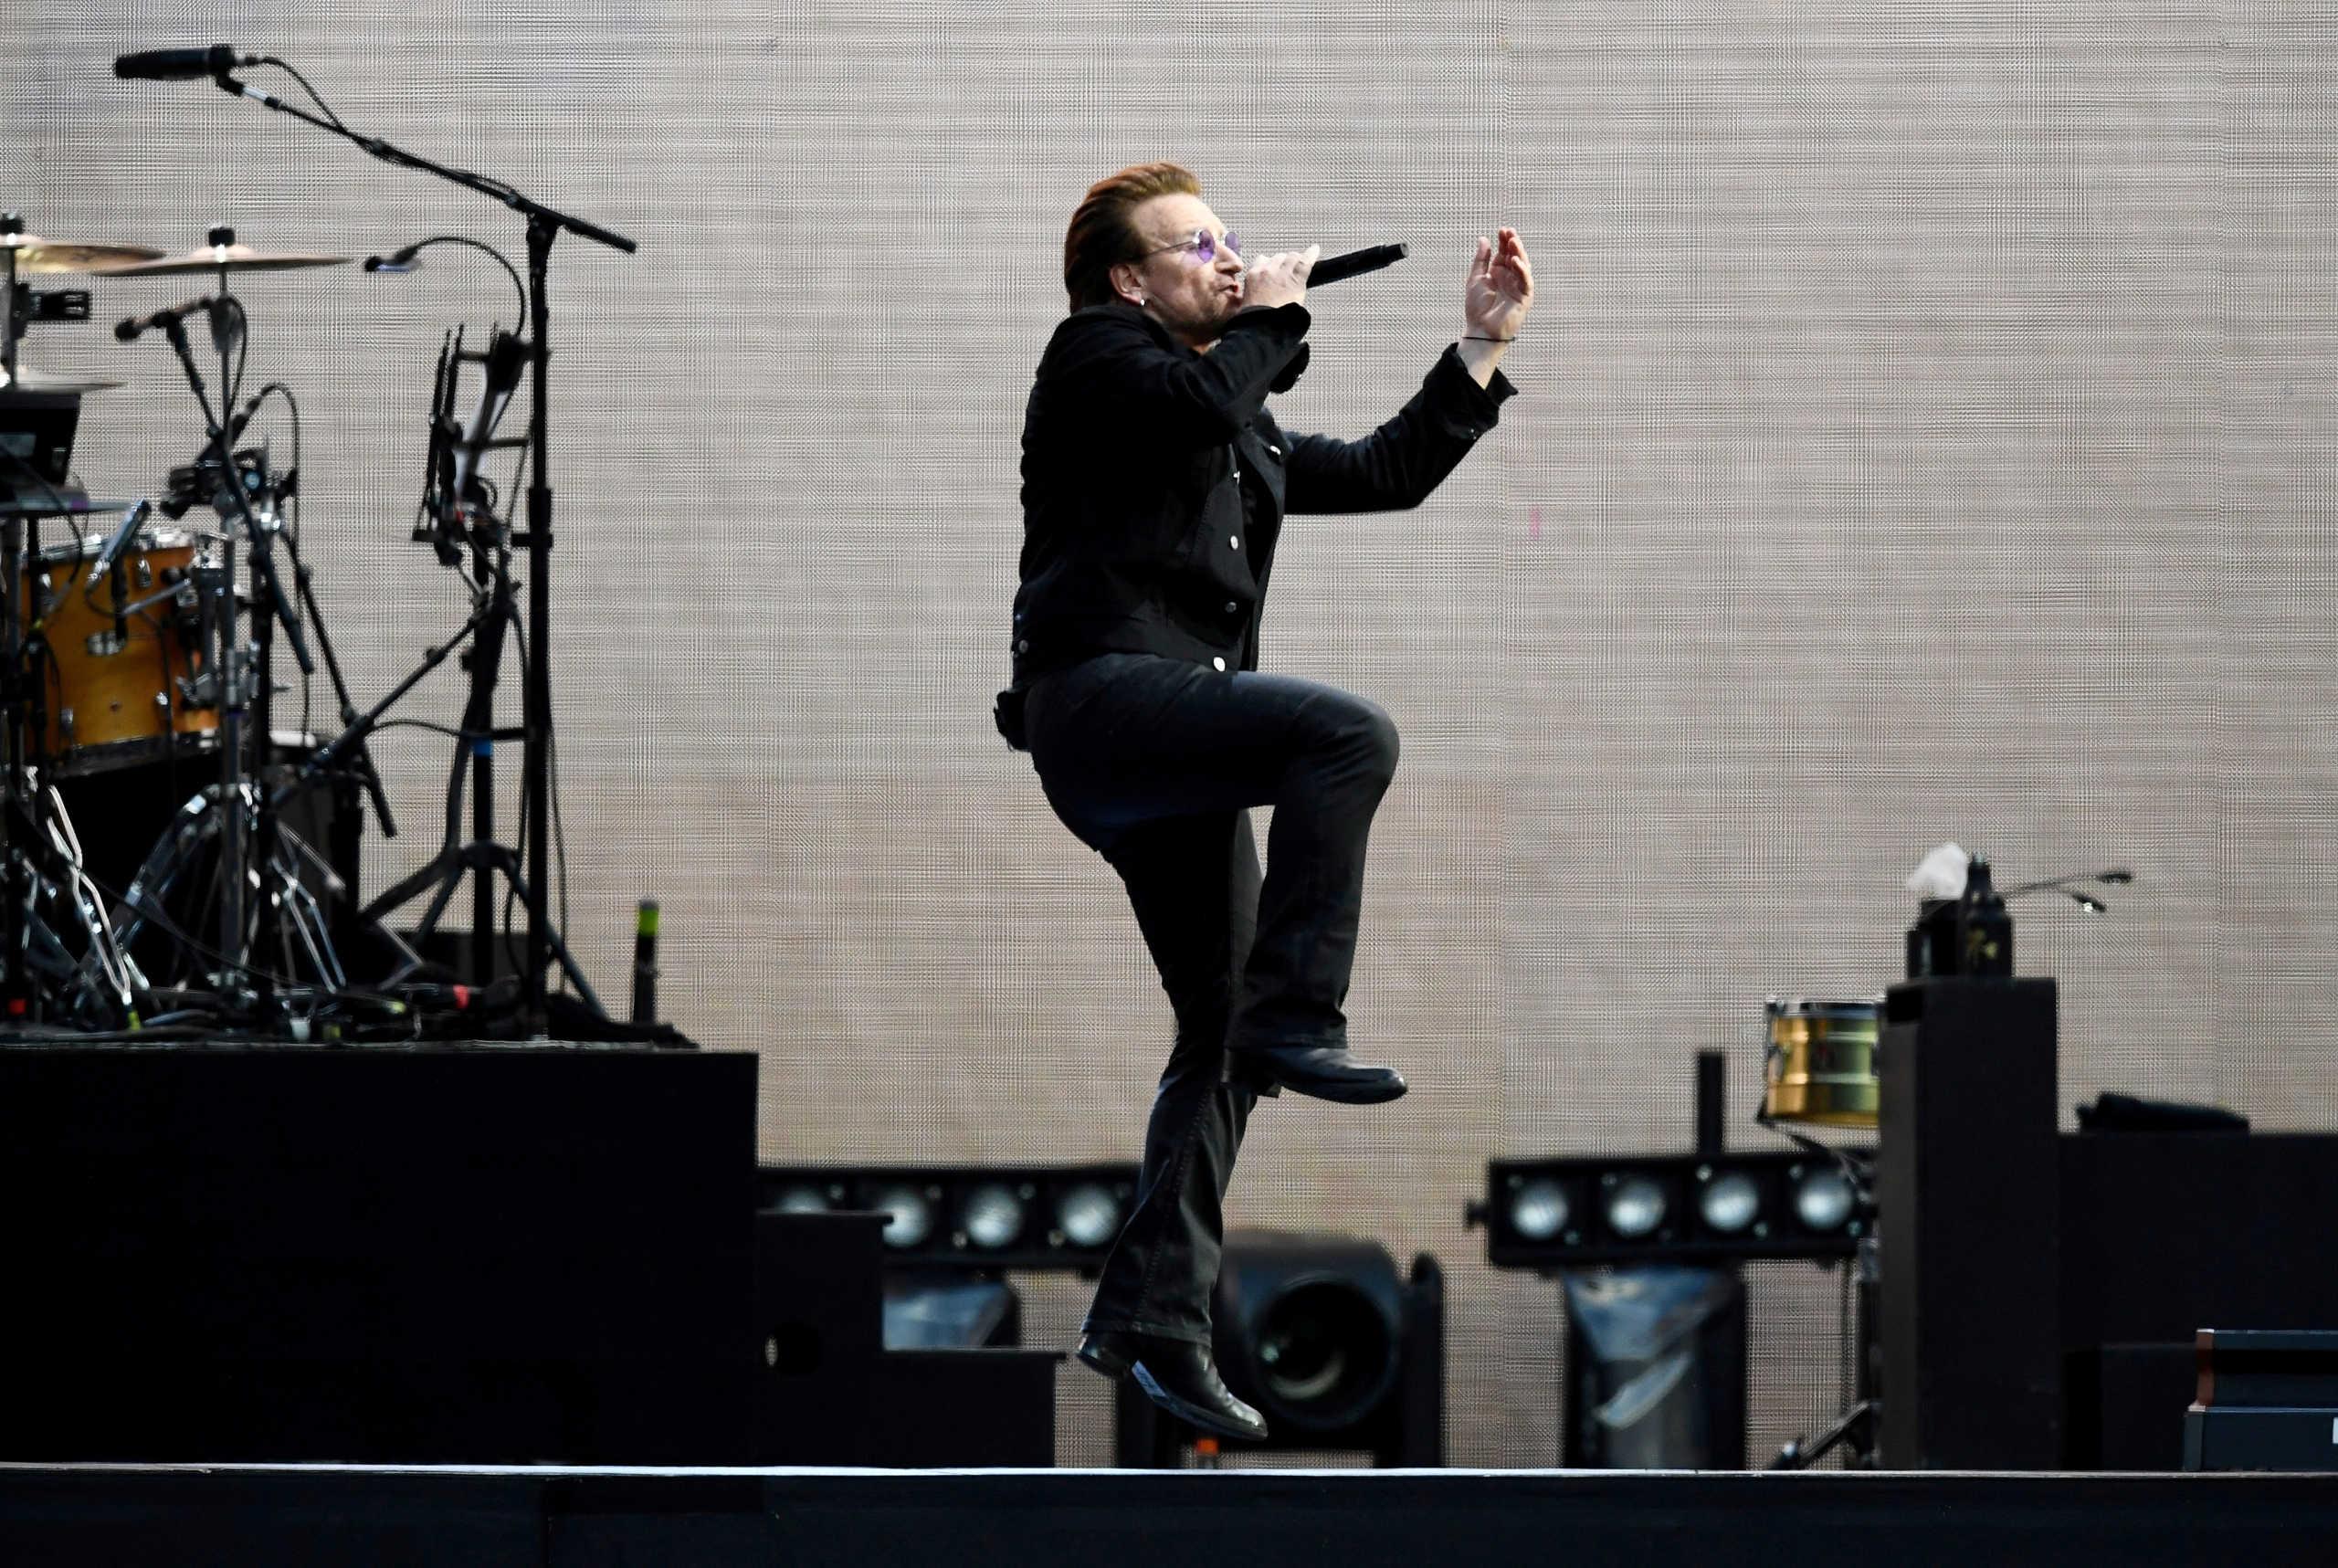 Κορονοϊός: Ο Μπόνο έγραψε τραγούδι εμπνευσμένο από τους Ιταλούς στα μπαλκόνια